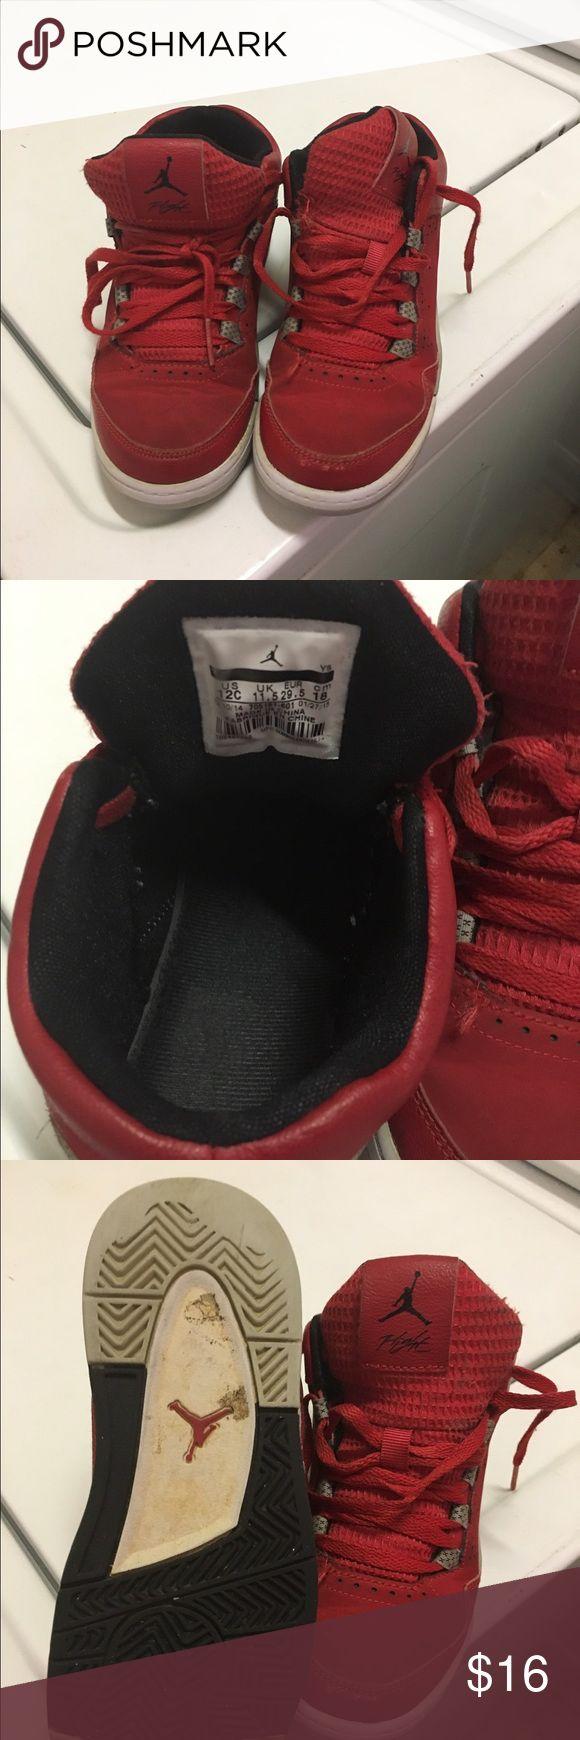 Jordan tennis shoes Red and black , used jordan tennis shoes ...still has some life Jordan Shoes Sneakers